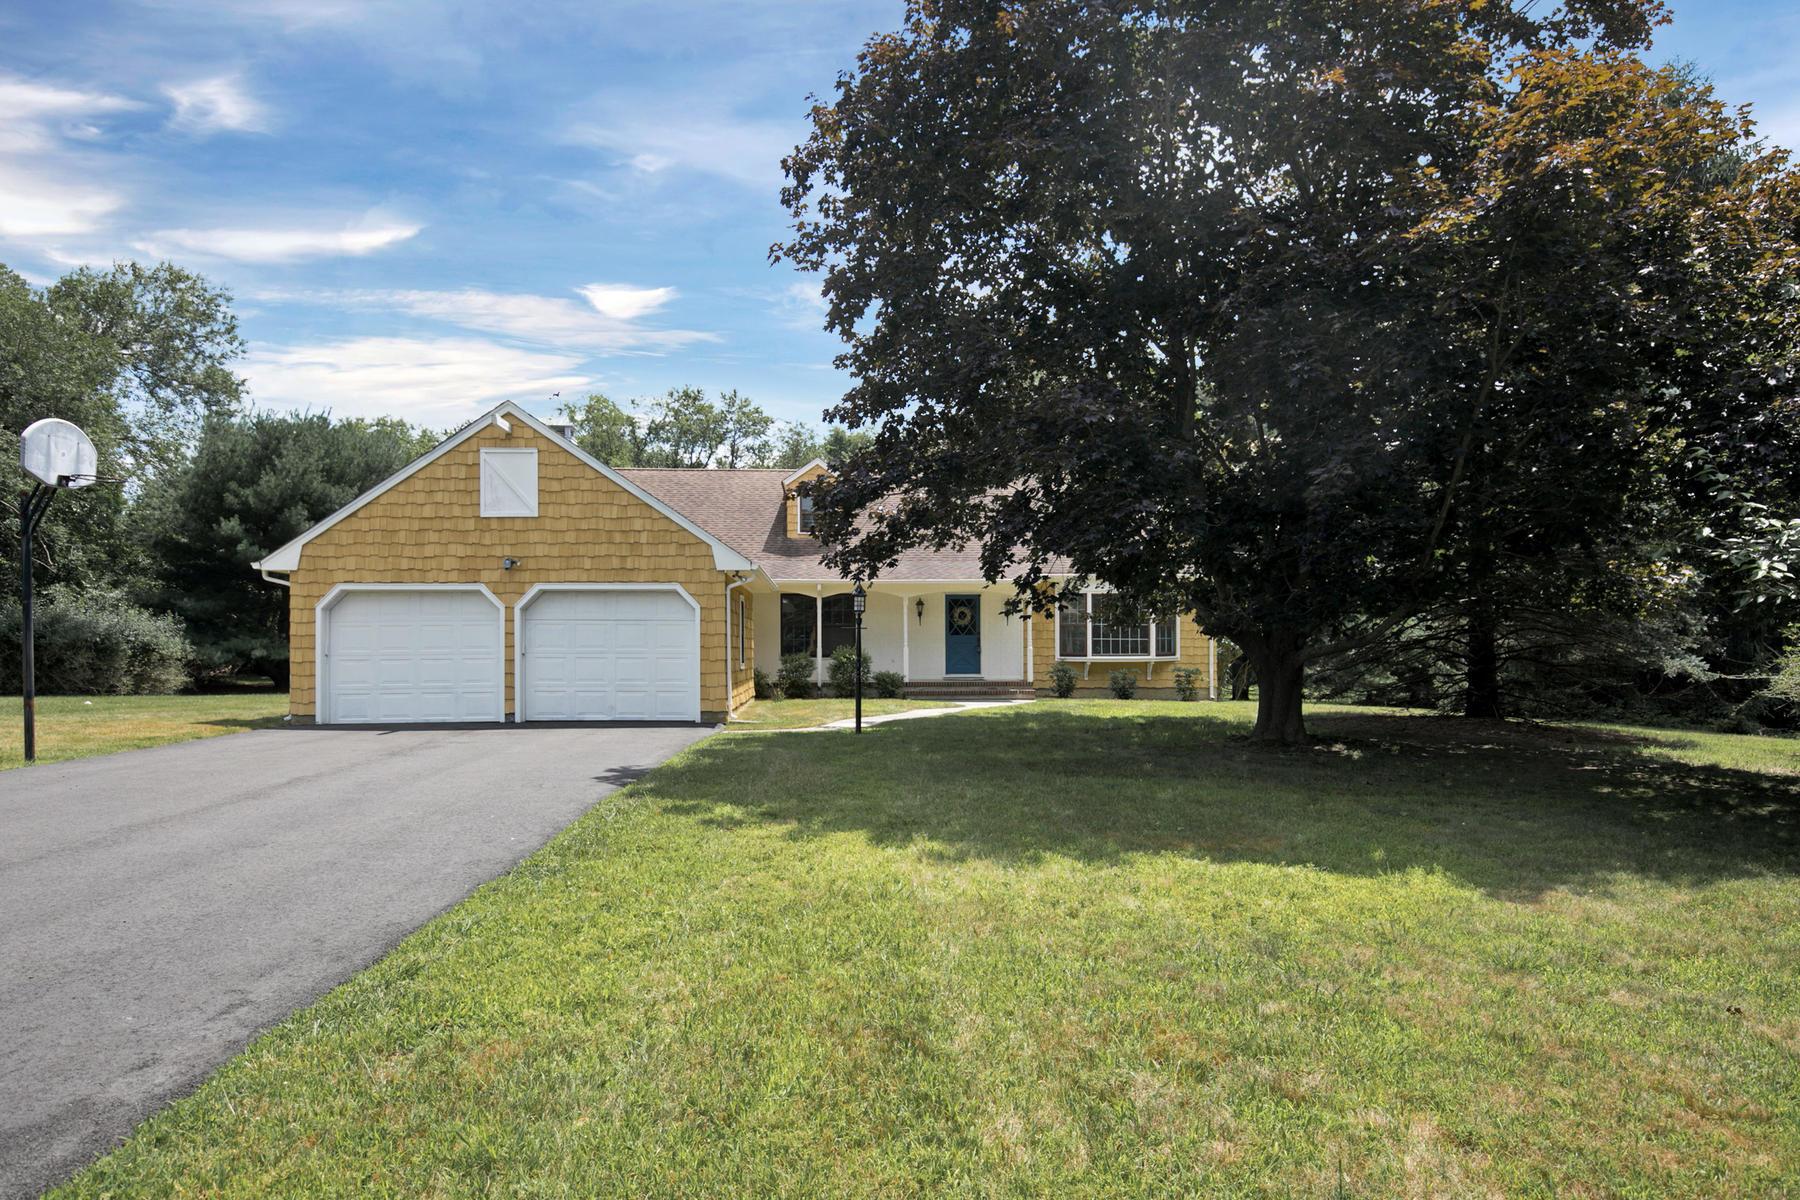 Частный односемейный дом для того Продажа на Feel The Tranquility Of Being Home 2504 Allenwood Lakewood Road Wallington, Нью-Джерси 07731 Соединенные Штаты